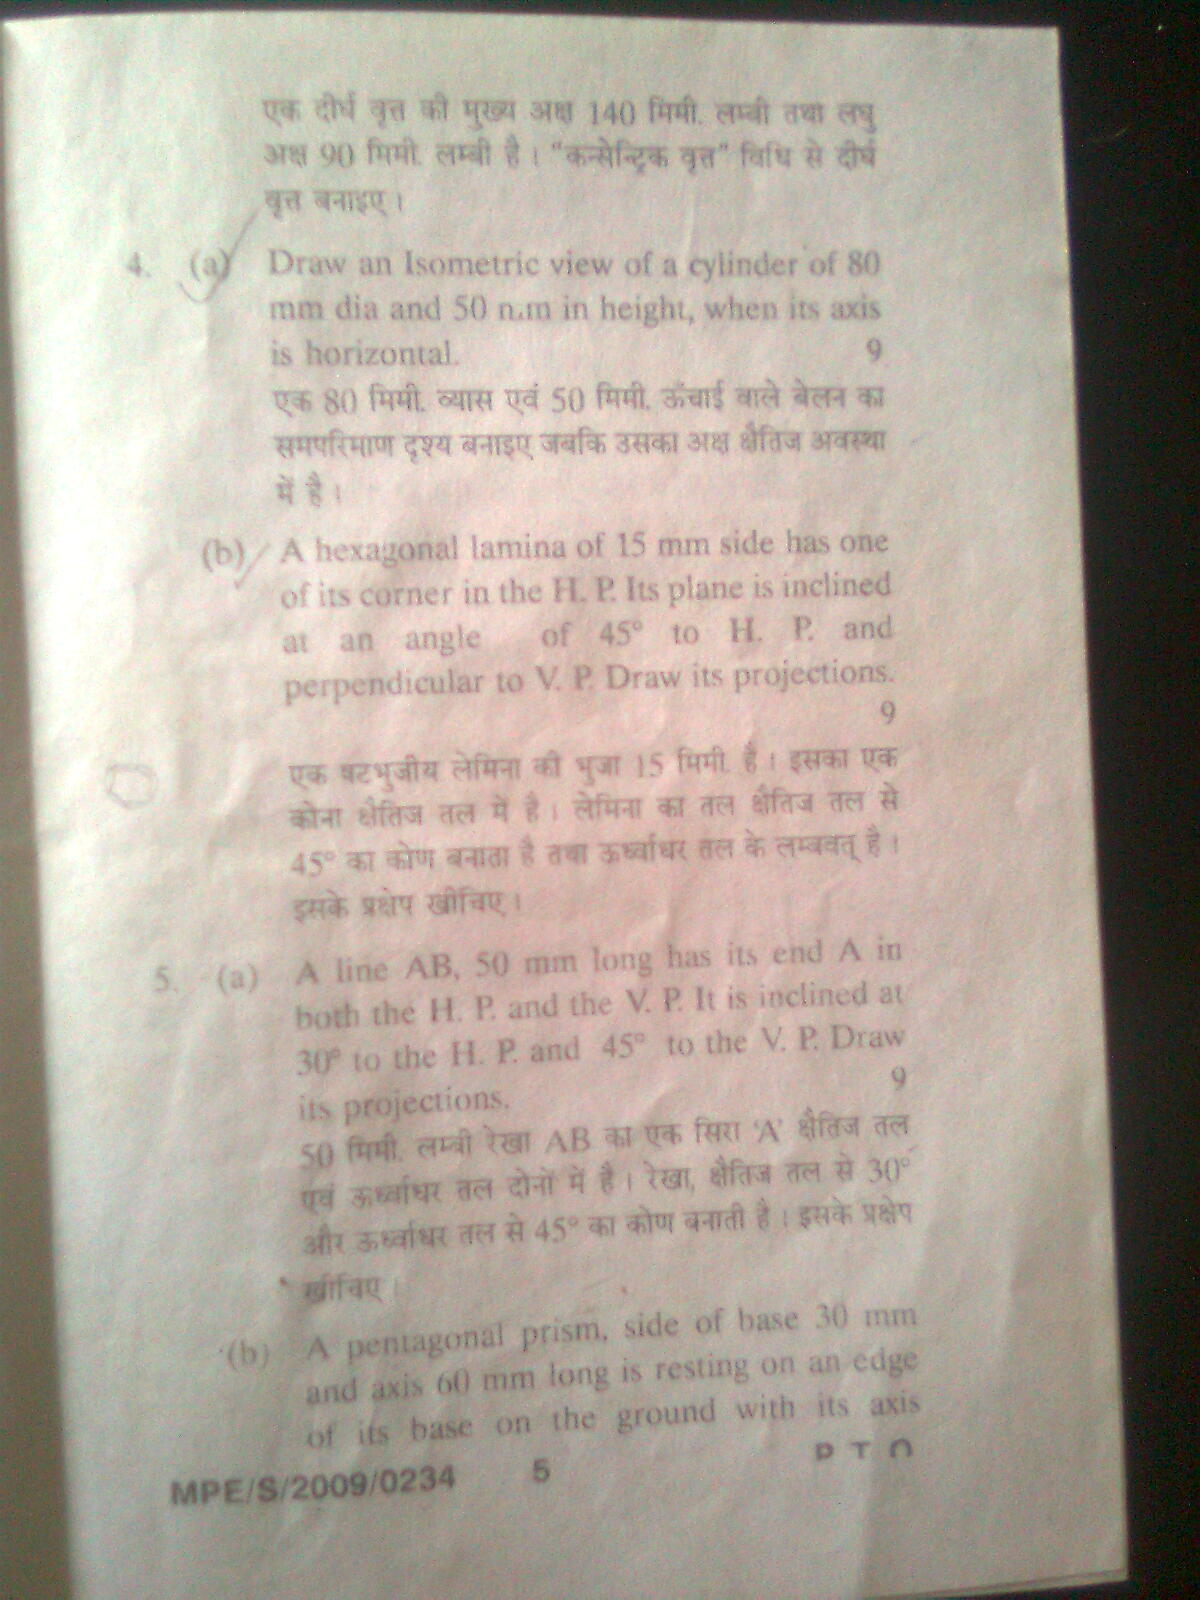 rajiv gandhi proudyogiki vishwavidyalayatechnical university engineering drawingcme